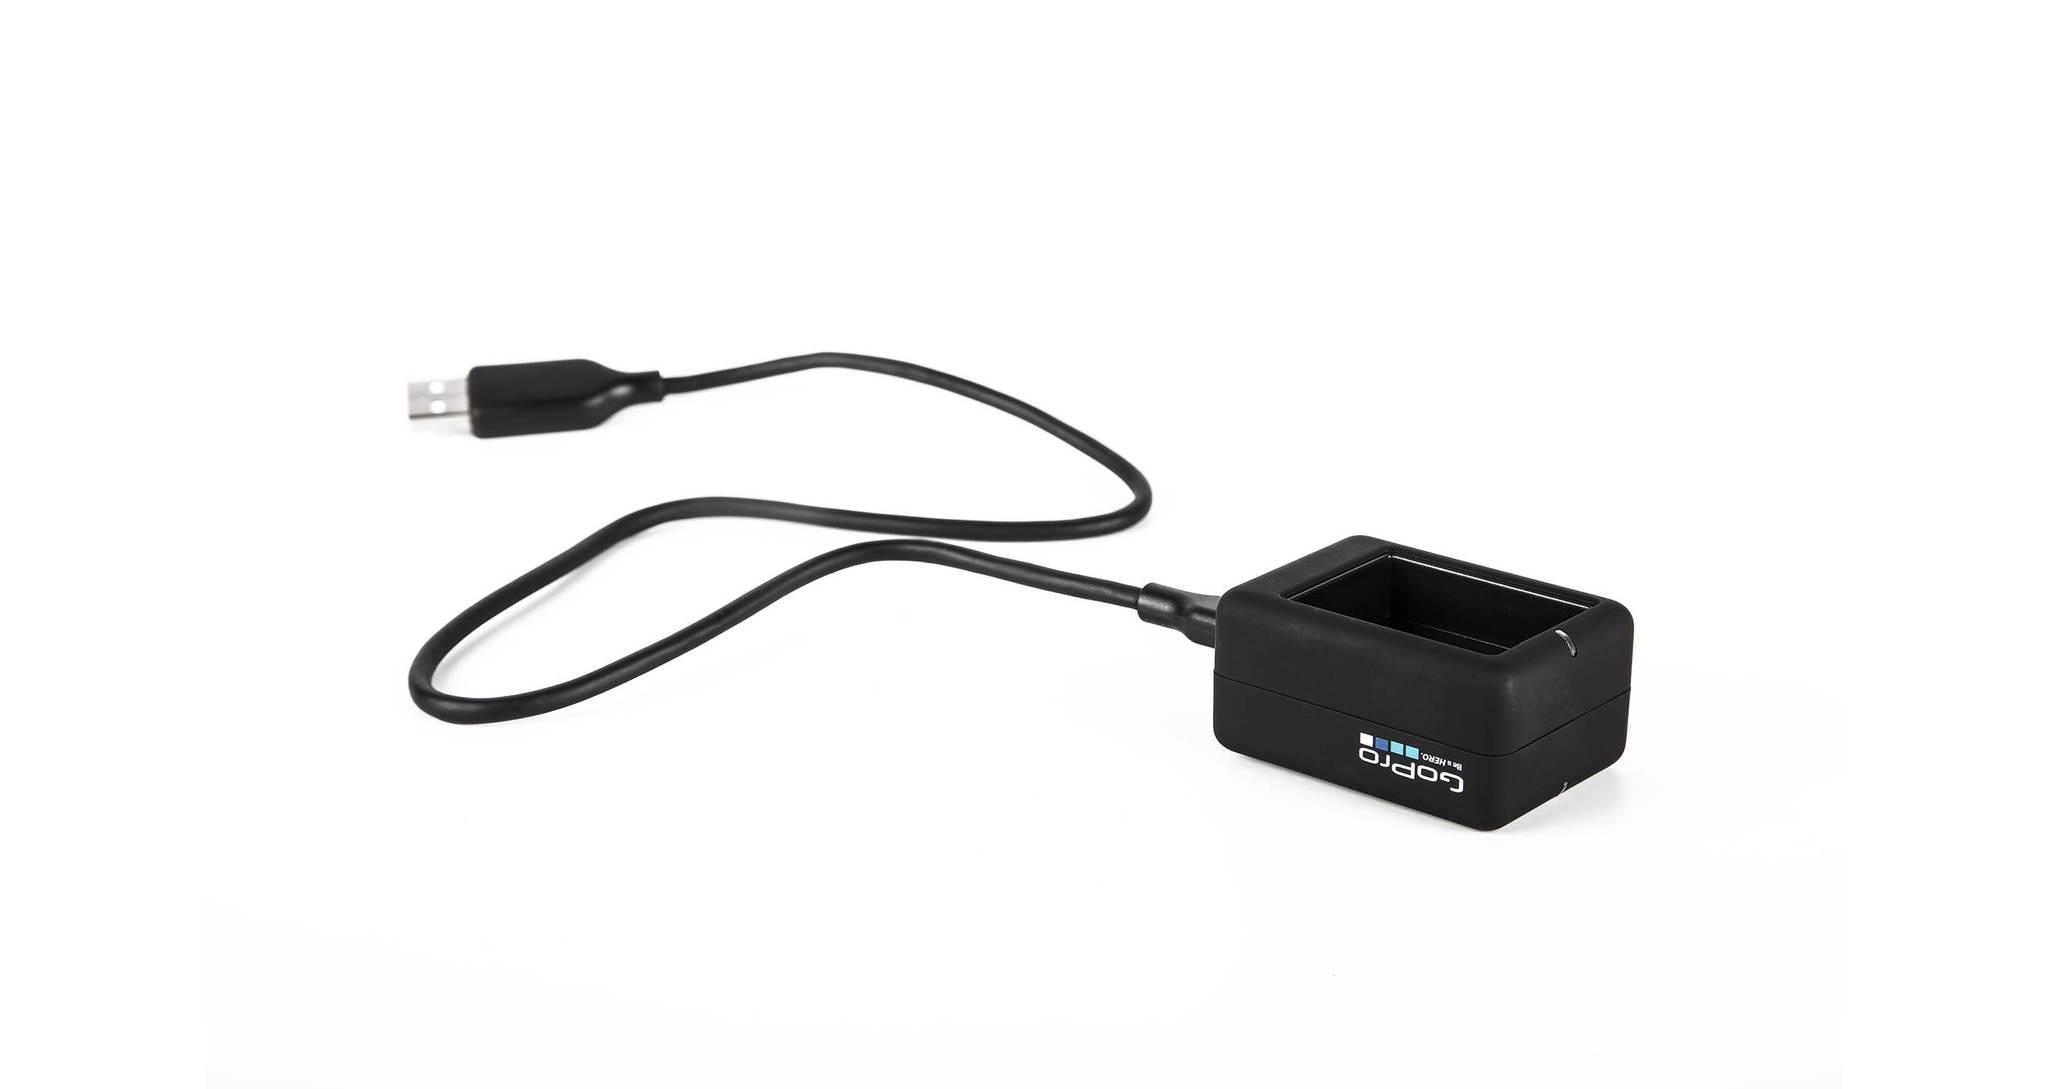 Зарядное устройство для 2-х аккумуляторных батарей Dual Battery Charger (AHBBP-301) фото